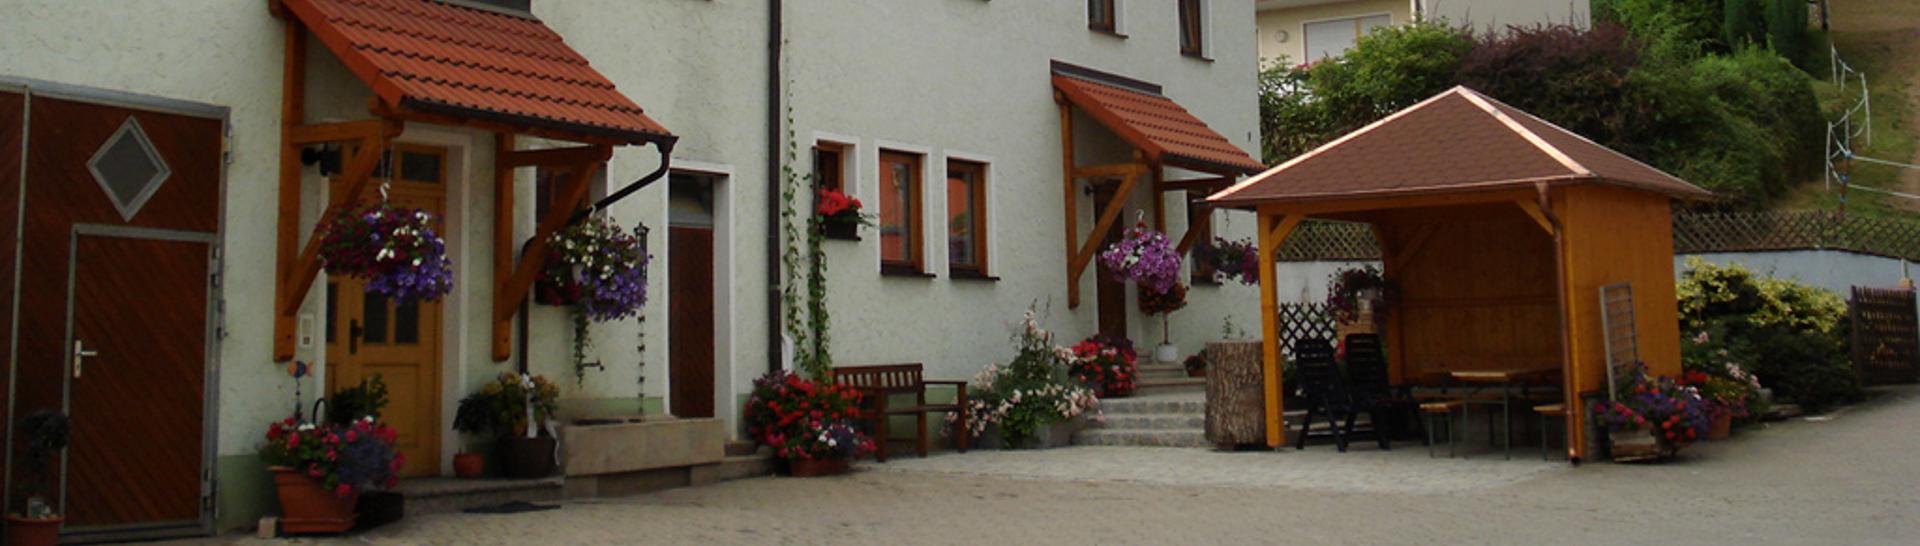 Fremdenzimmer-John-Veitsbronn-bei-fuerth